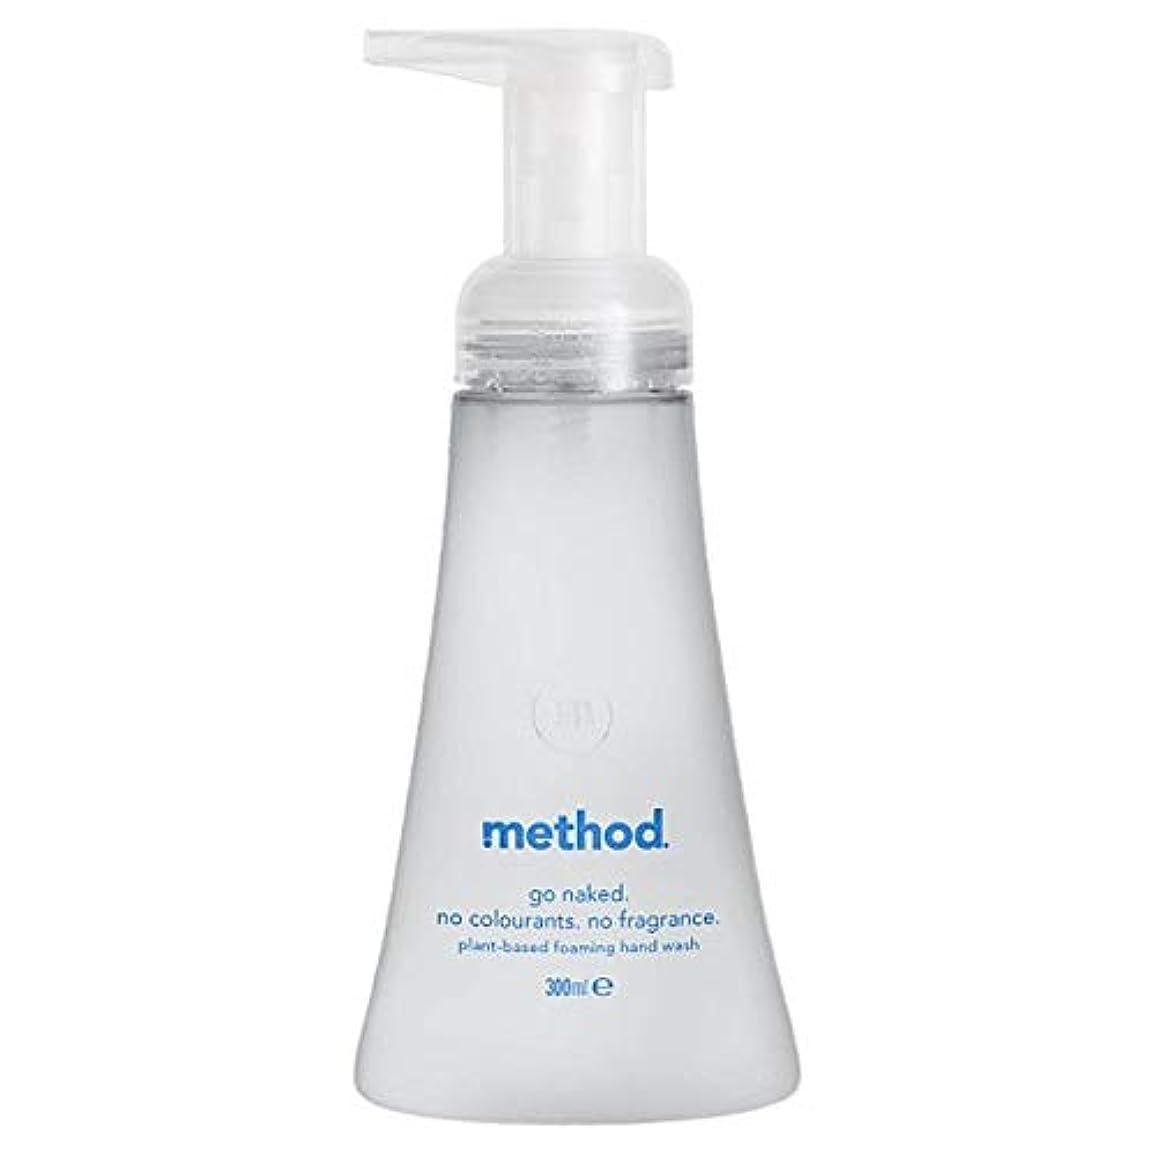 ドレイン大きさ[Method ] メソッド裸発泡手洗いの300ミリリットル - Method Naked Foaming Handwash 300Ml [並行輸入品]